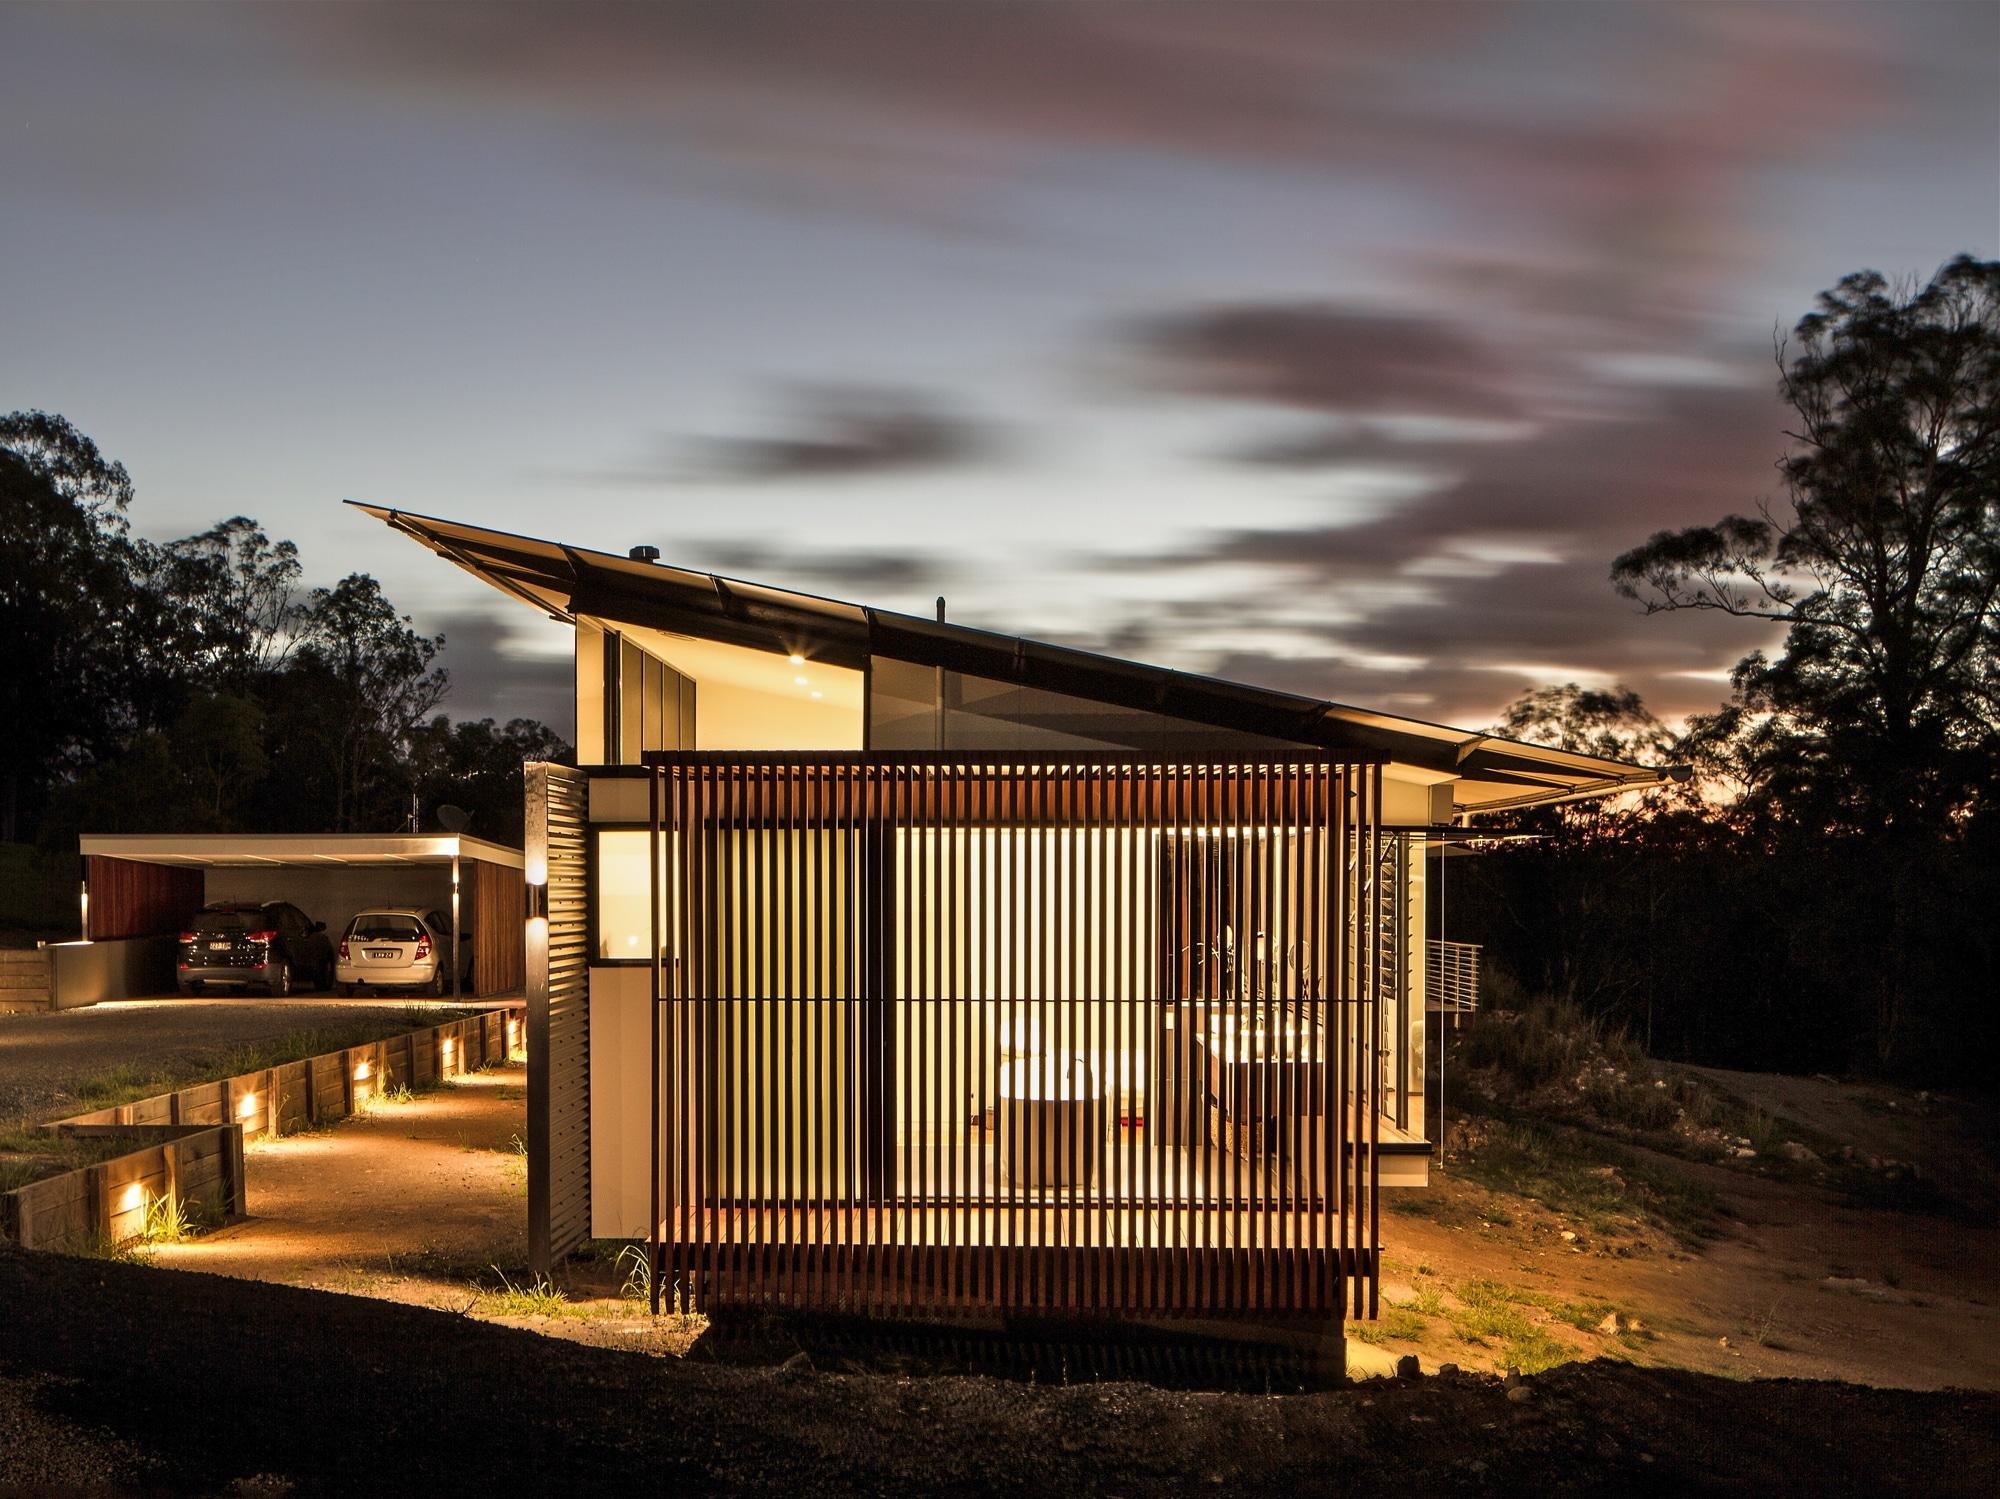 Foto del perfil de la casa alargada de noche construye hogar - Distribucion casa alargada ...